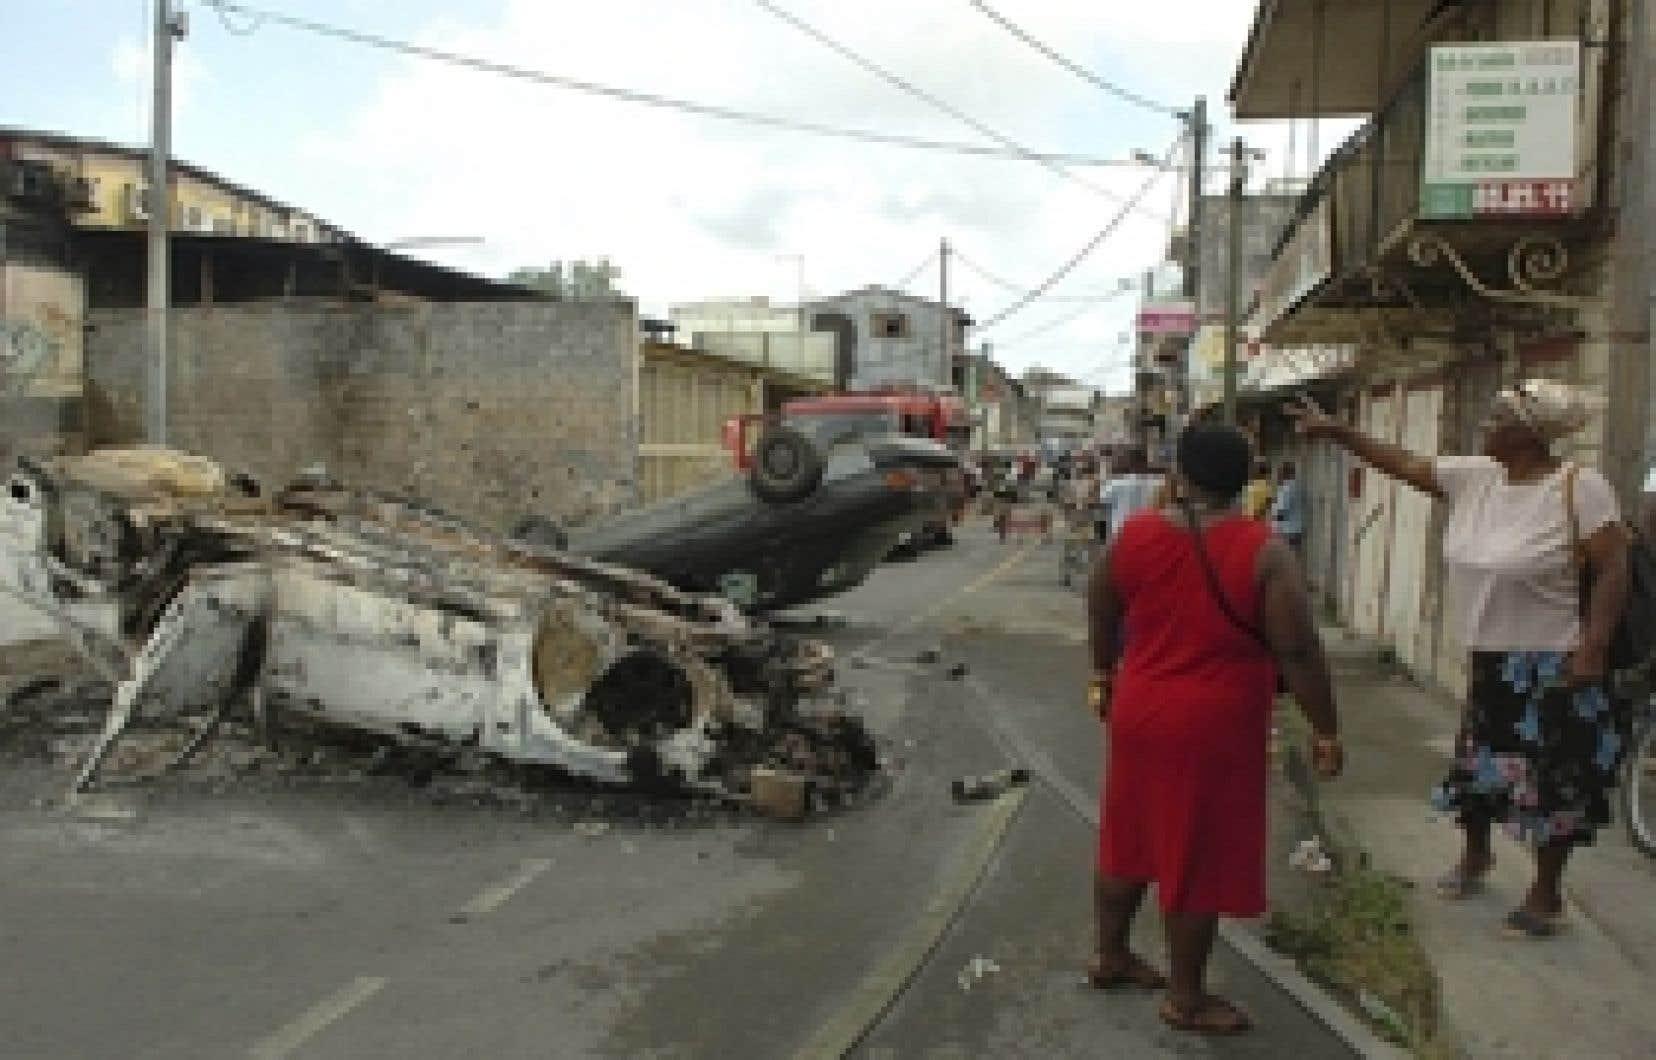 Depuis un mois, la Guadeloupe vit une grève générale marquée de scènes de violence.